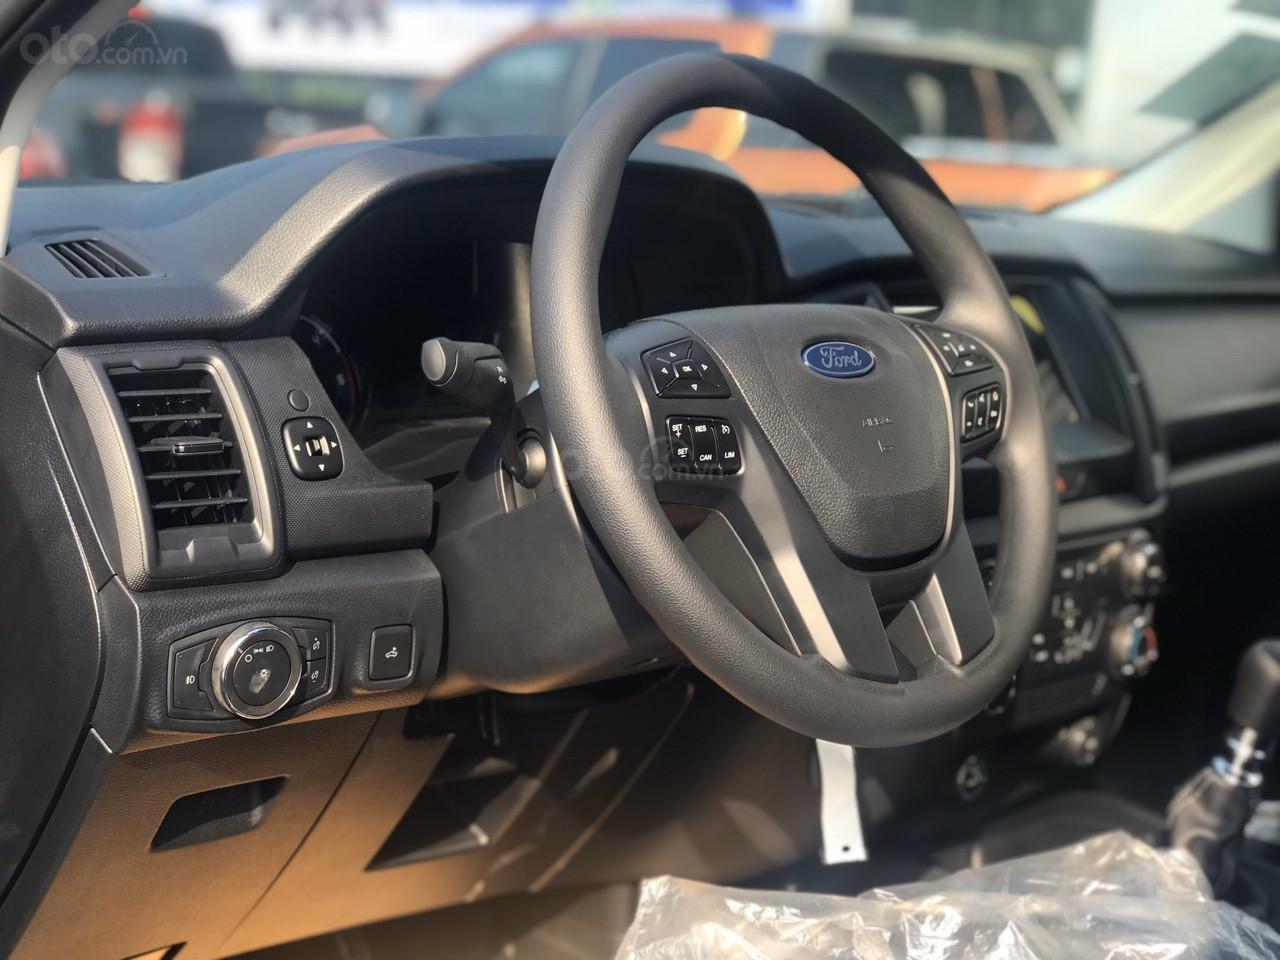 Bán Ford Ranger mới 2020 đủ màu, giao ngay, giao xe toàn quốc, trả góp 80% (4)